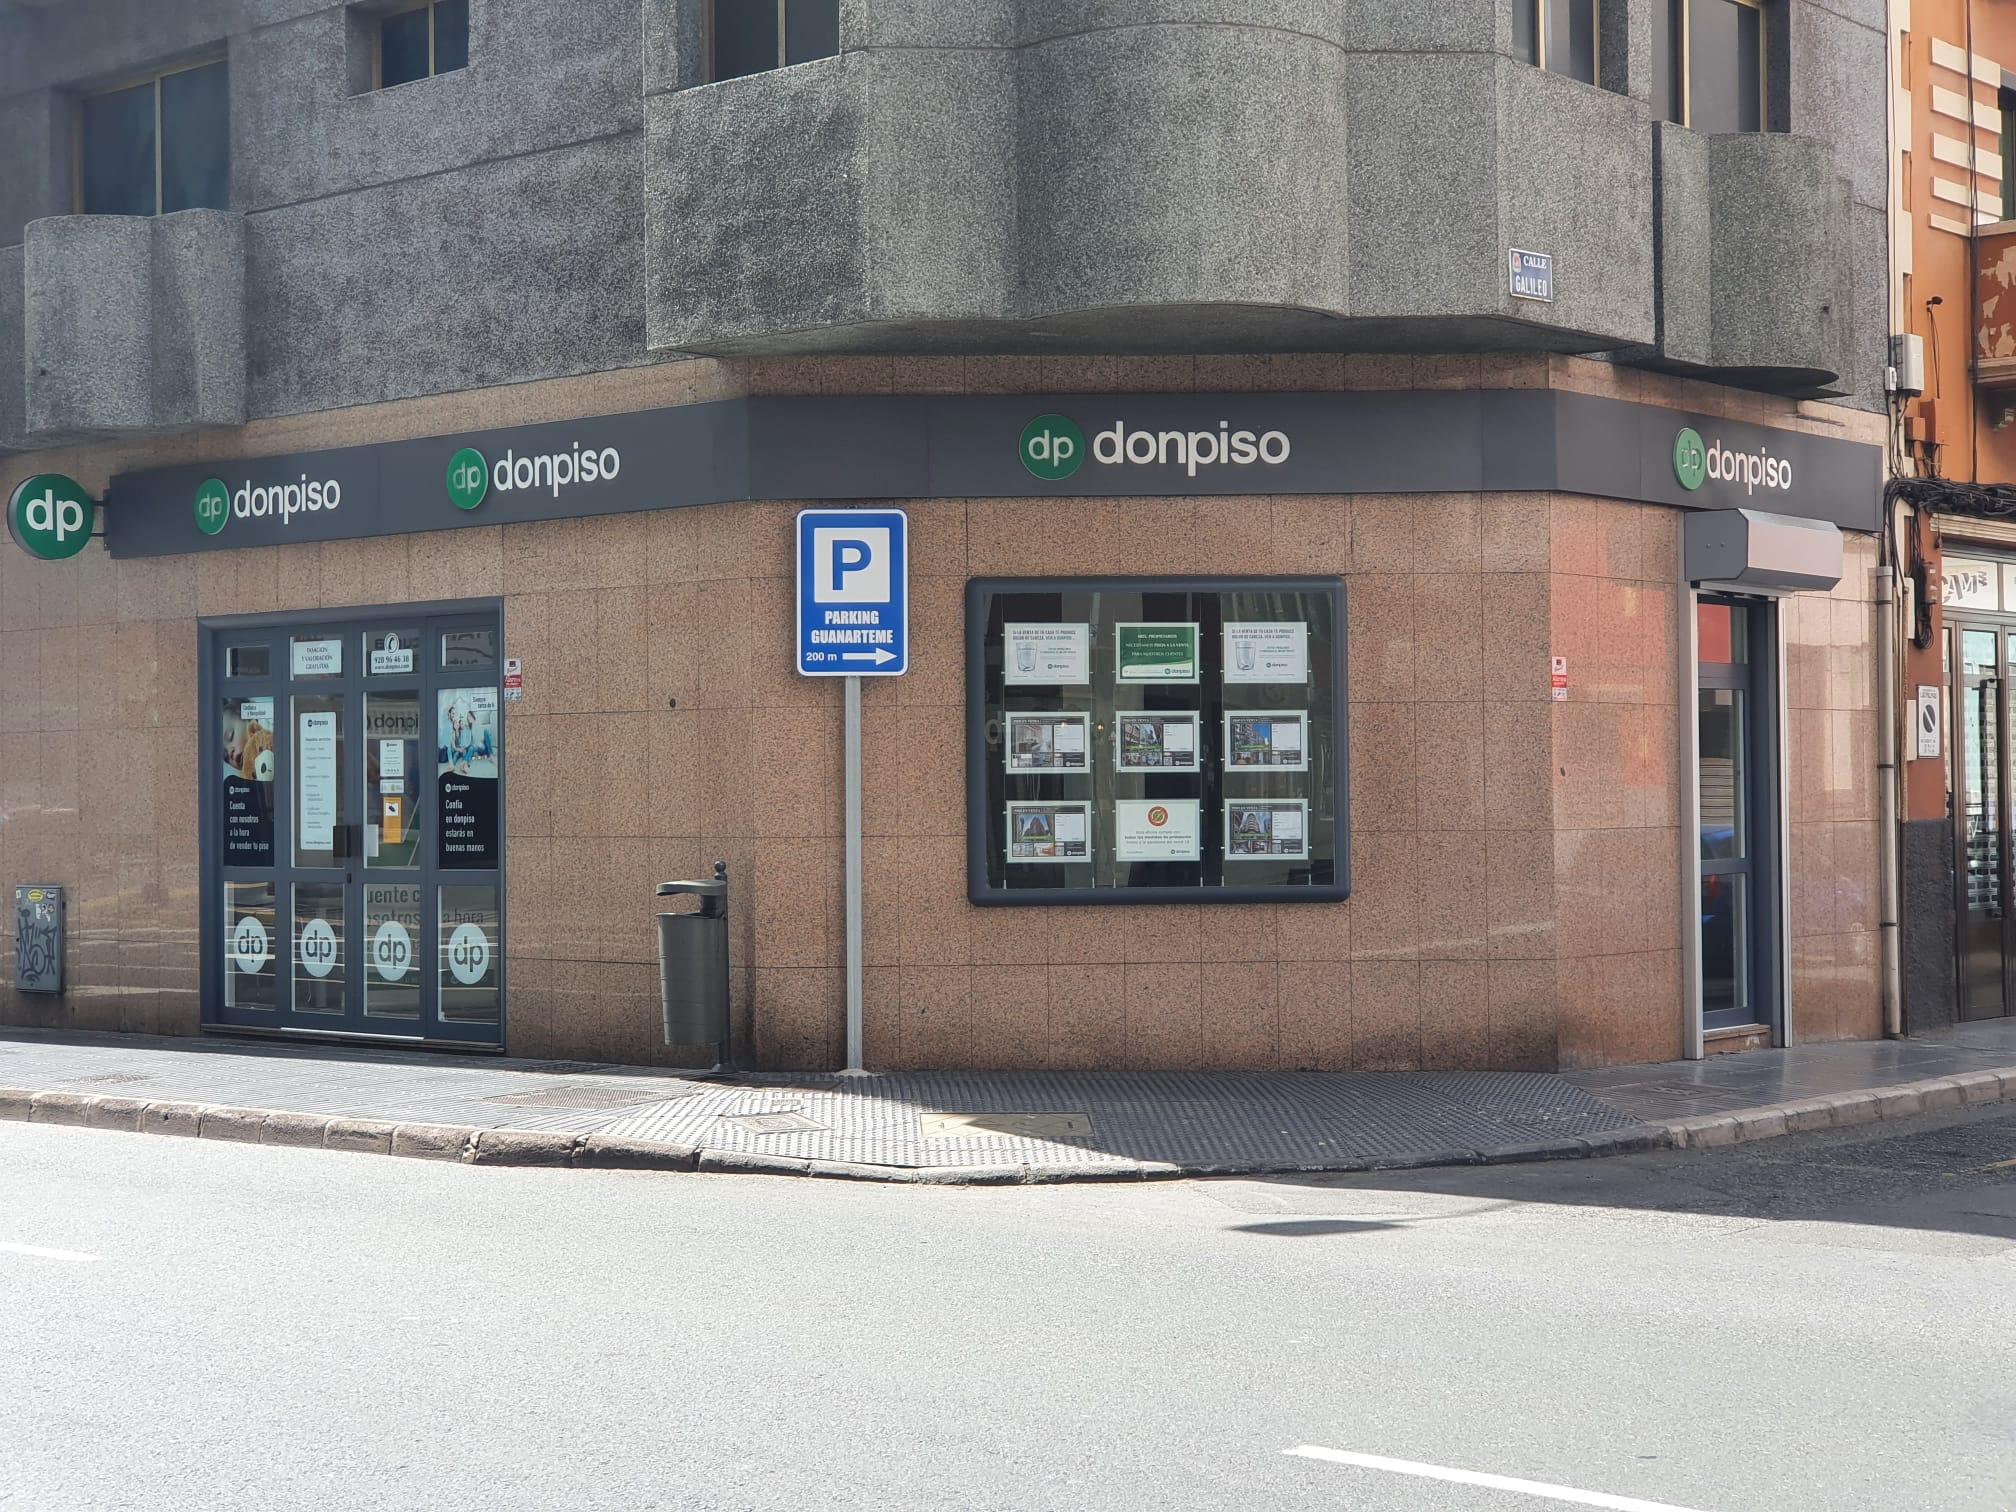 oficina donpiso Las Palmas Canteras